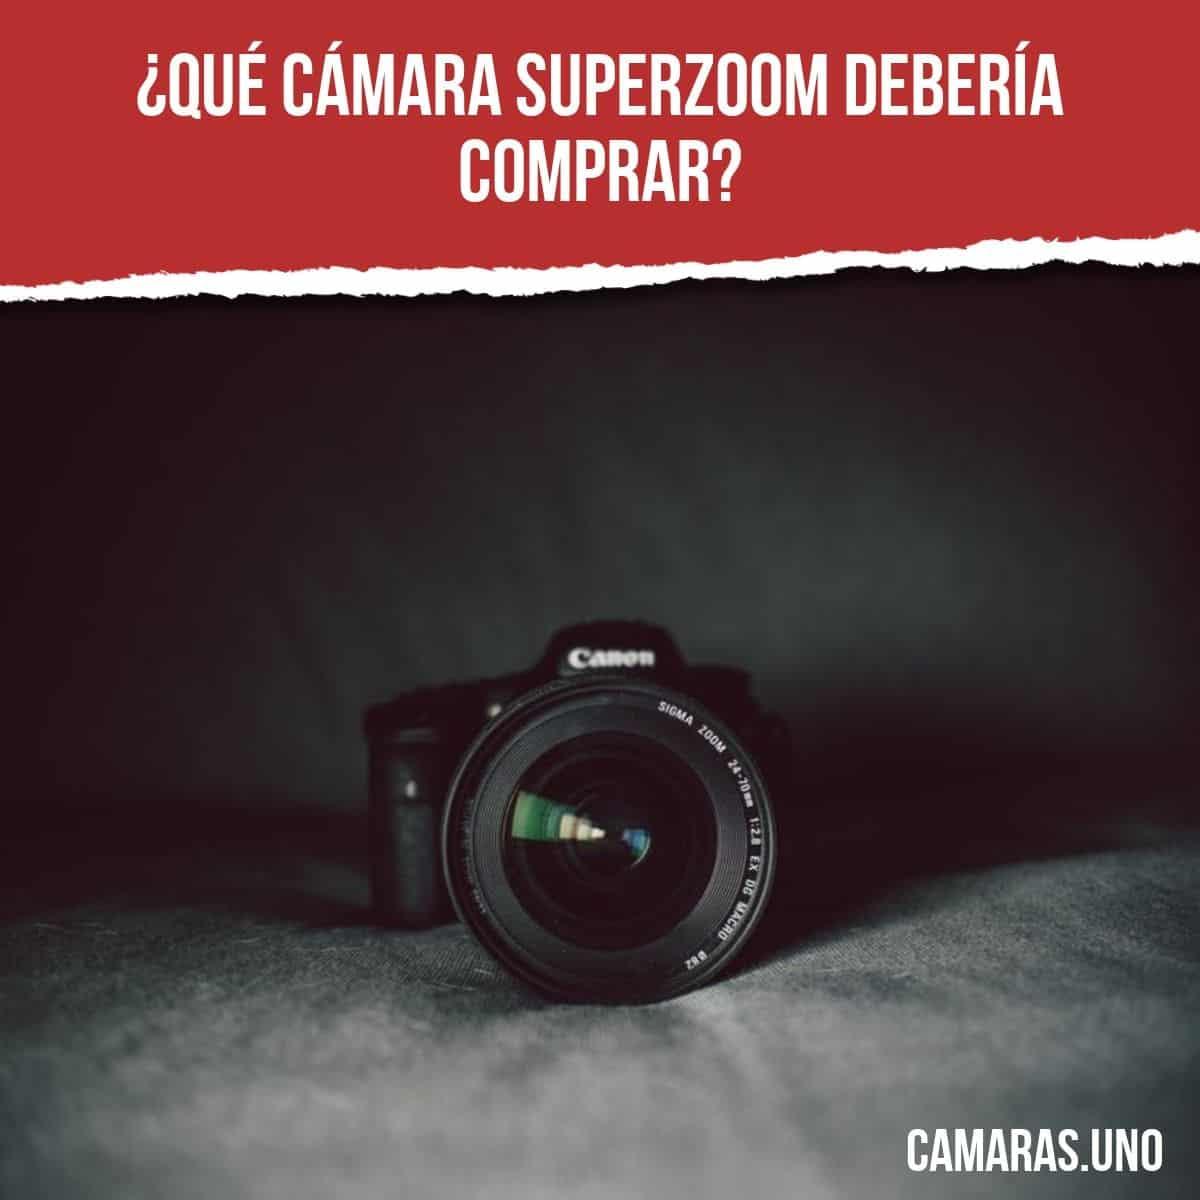 ¿Qué cámara superzoom debería comprar?